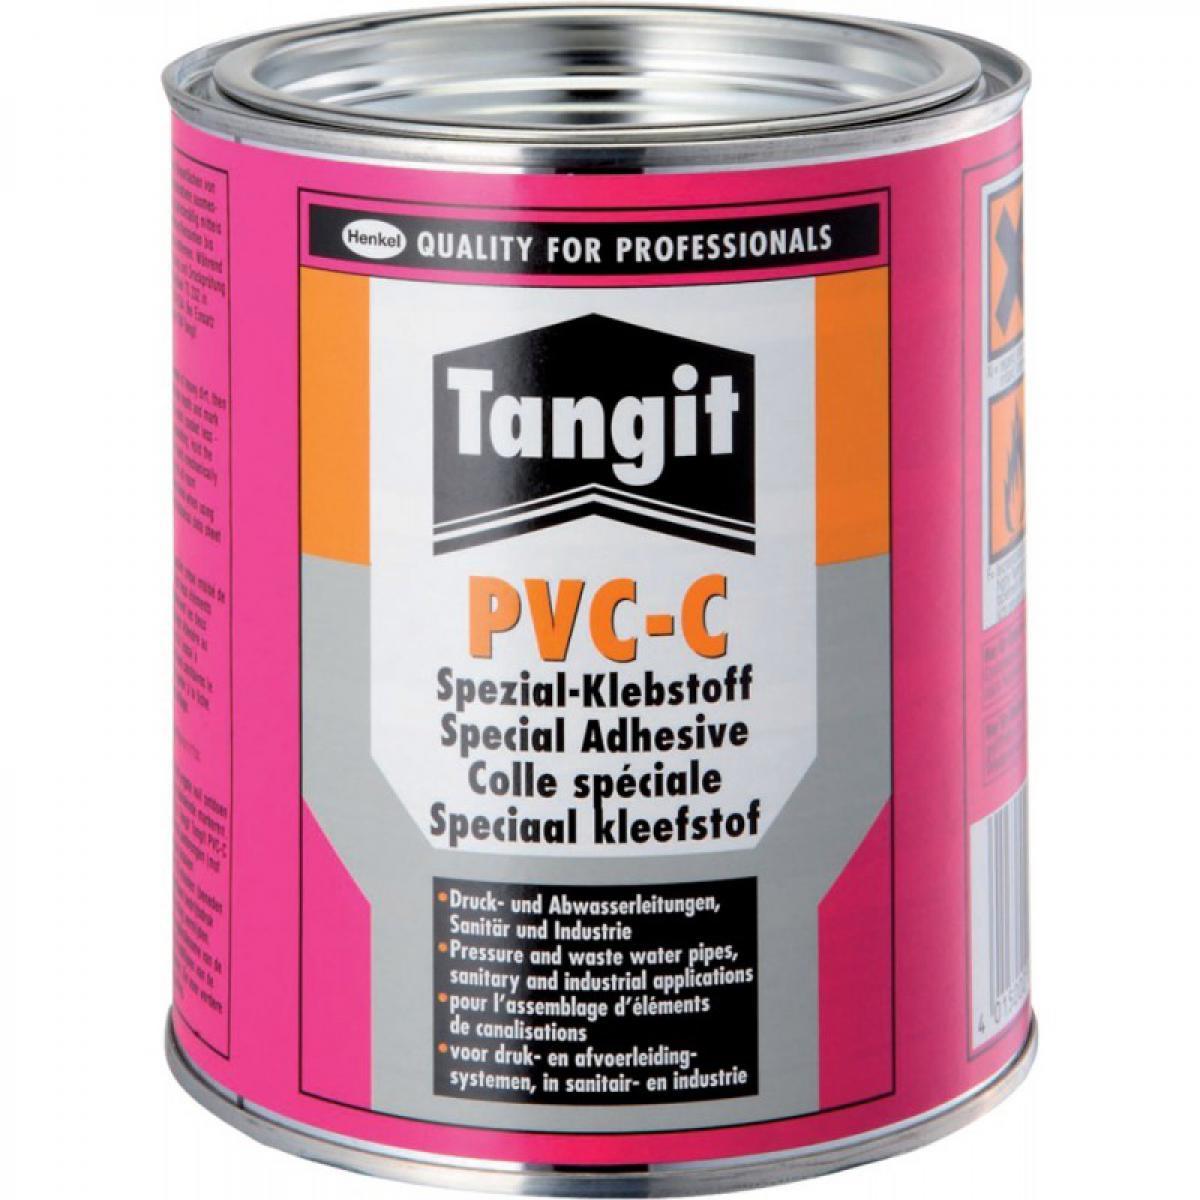 Tangit CPVC colle spéciale 700 g - TANGIT ? (Par 6)